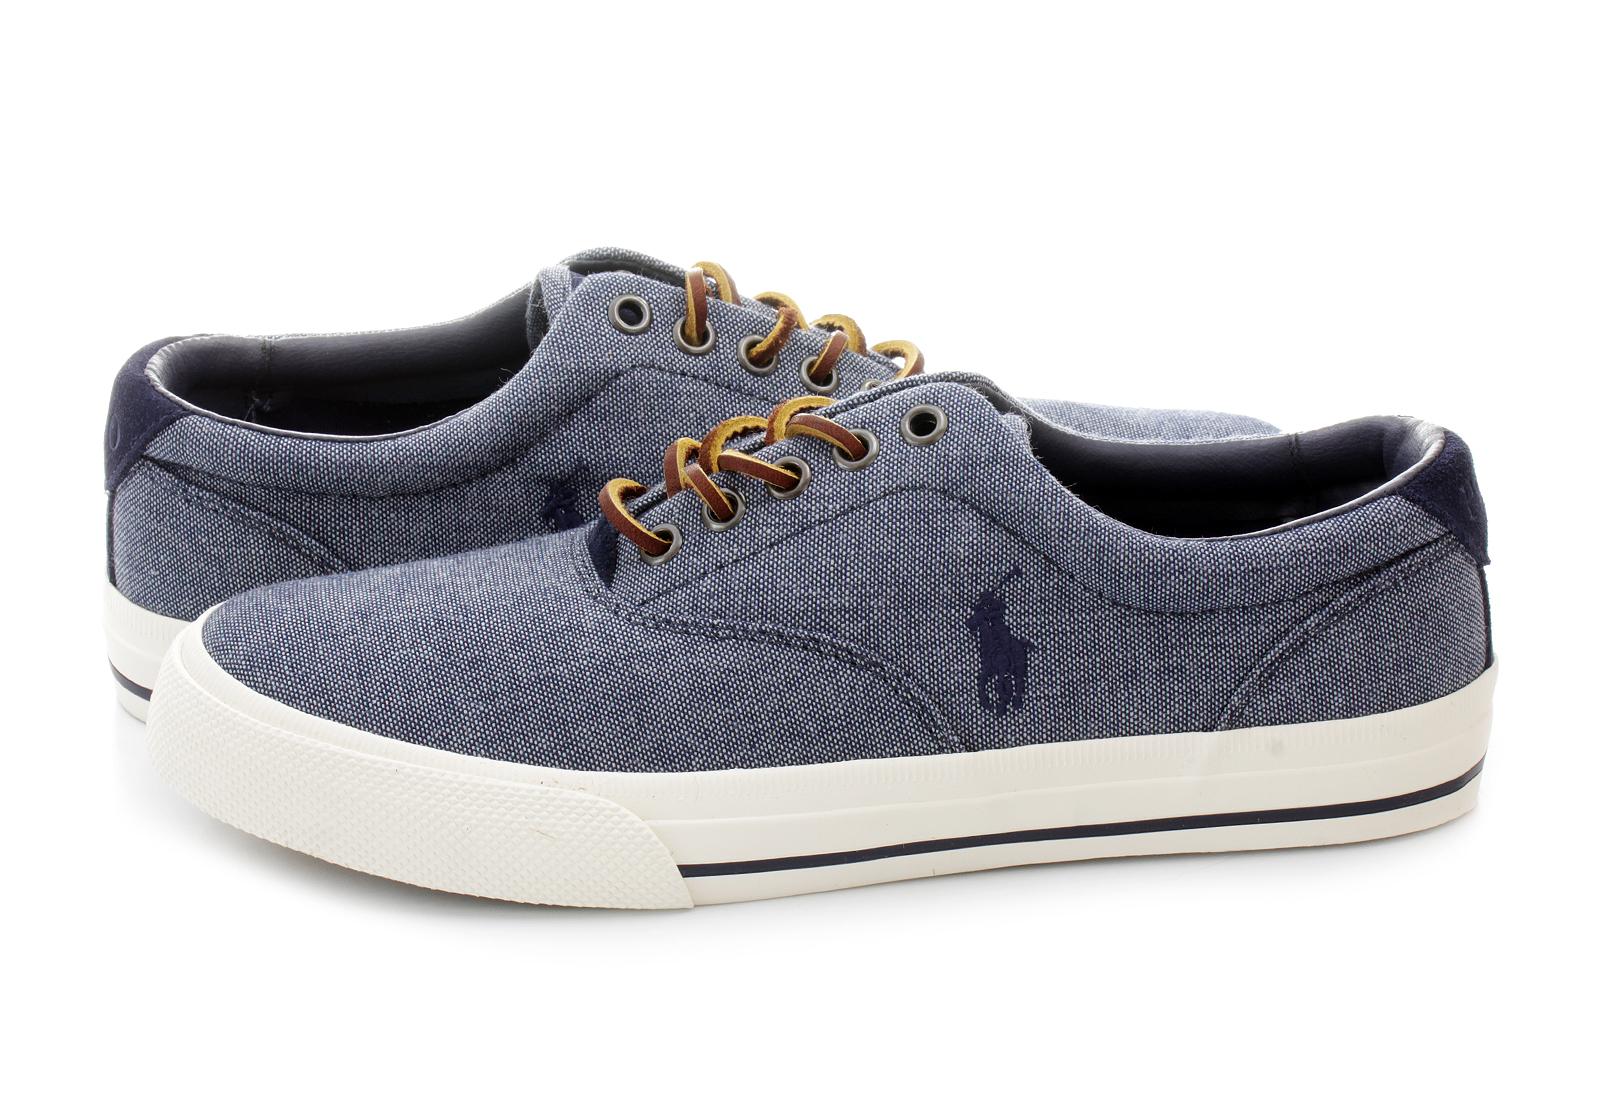 Polo Ralph Lauren Cipő - Vaughn-ne - 816648090003 - Office Shoes ... ff0c910cc9